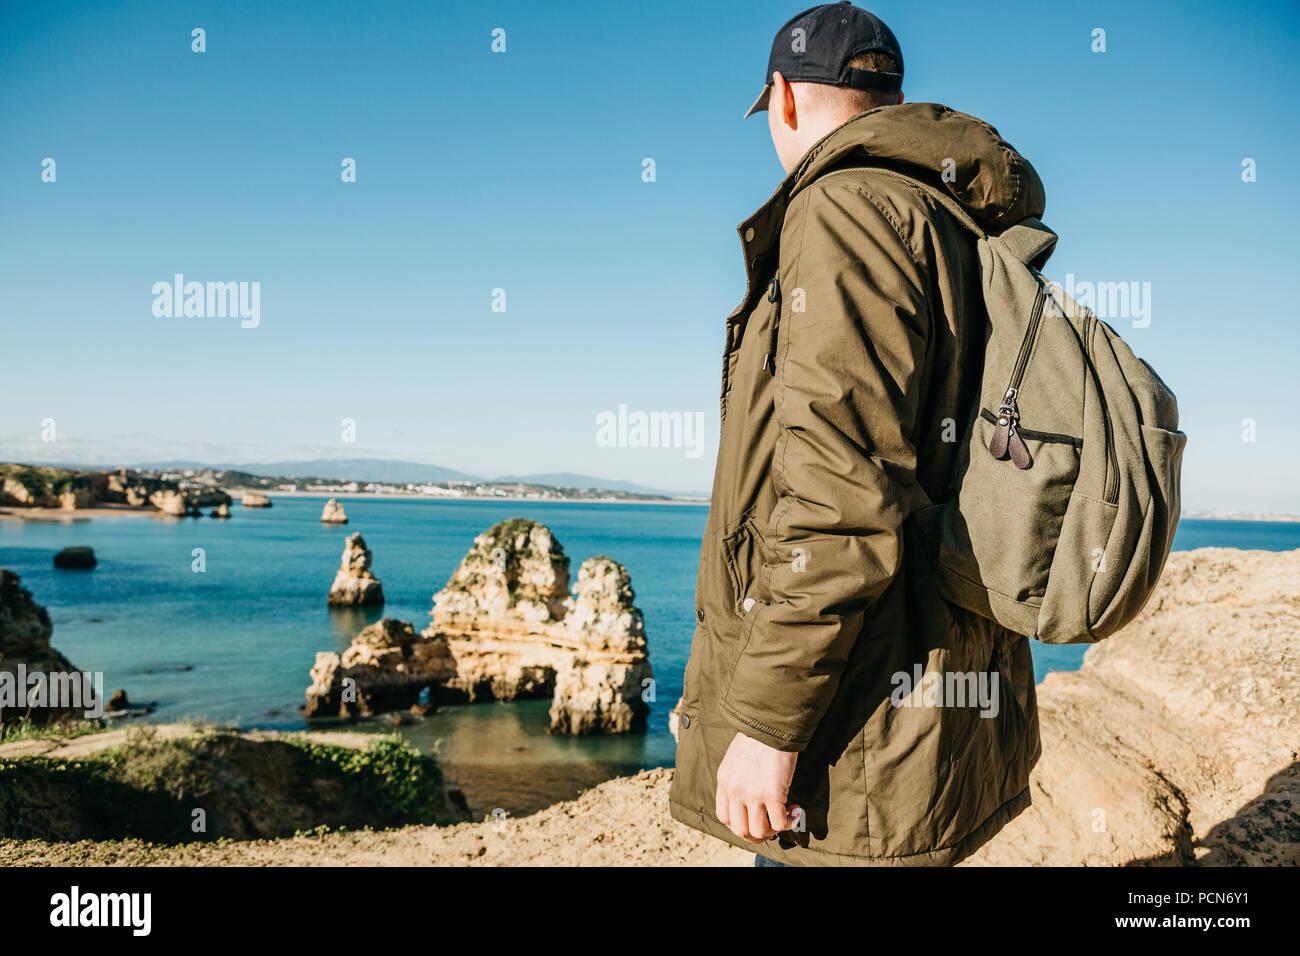 Un touriste ou voyageur avec un sac à dos admire la vue magnifique sur l'océan Atlantique et la côte près de la ville appelée Lagos au Portugal. Photo Stock